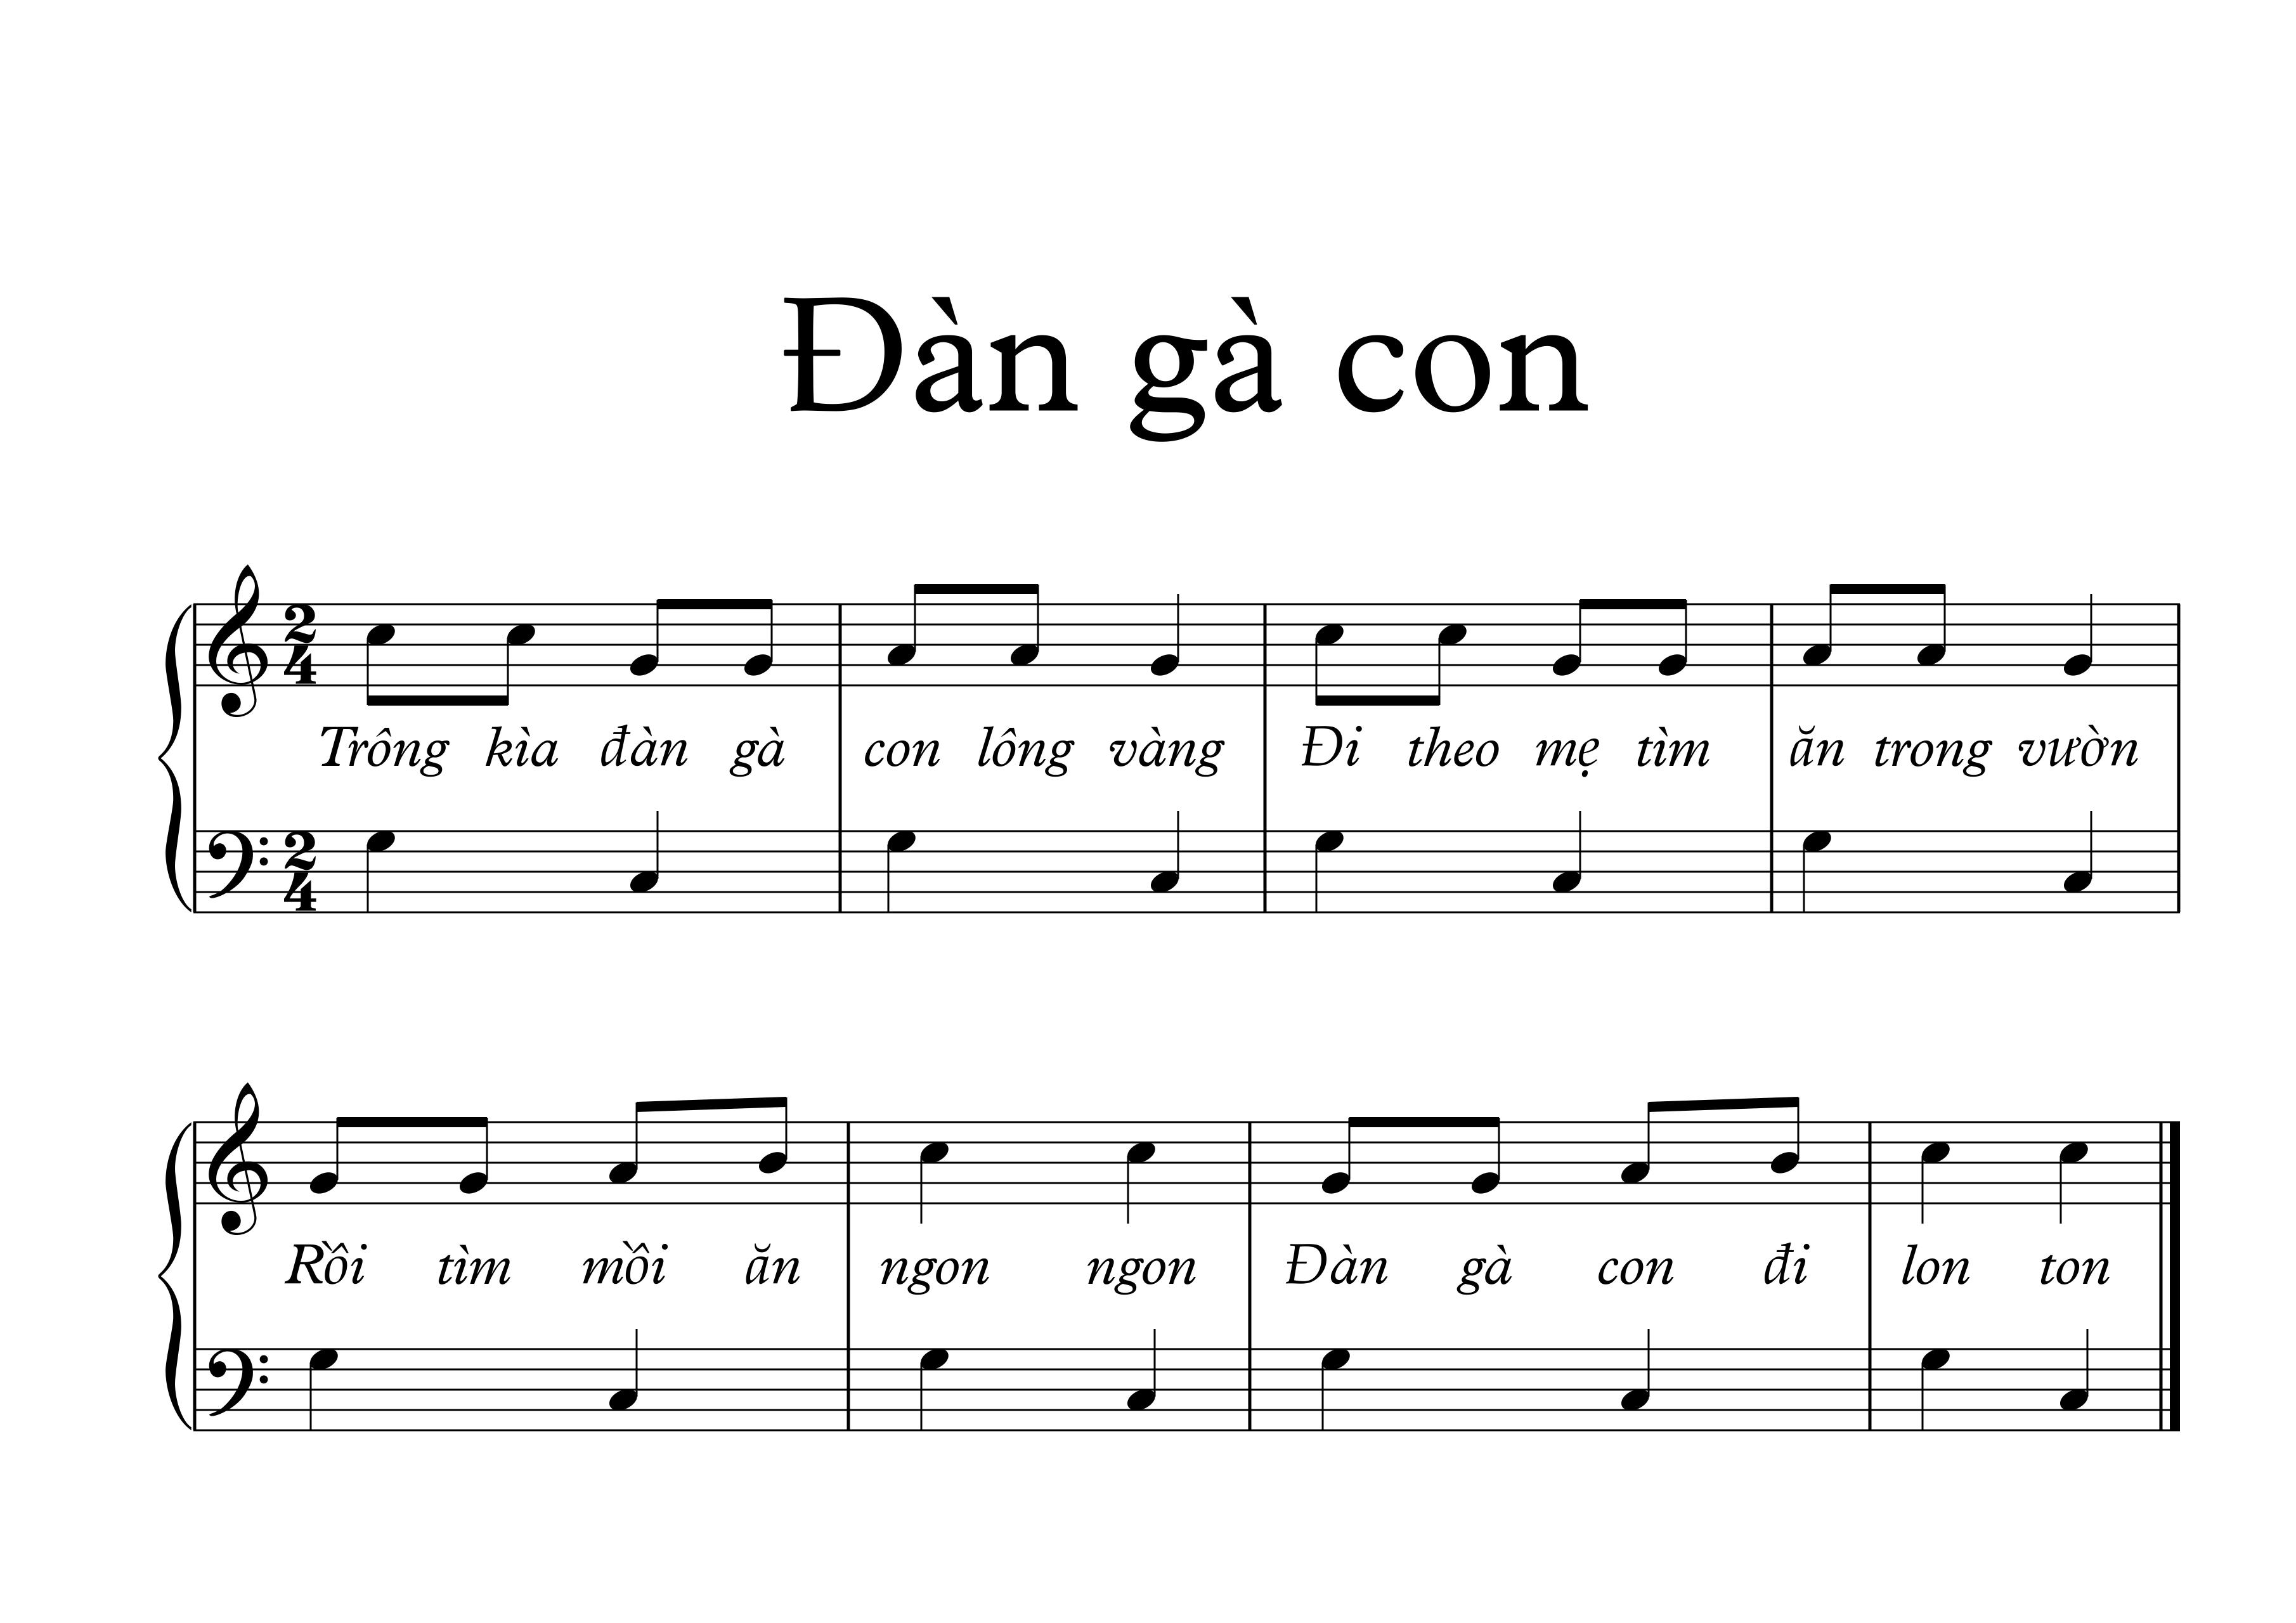 Hợp âm, nốt và lời - Đàn gà con - Việt Anh - Sheet nhạc   Nốt nhạc   Hợp âm - VN Guitar